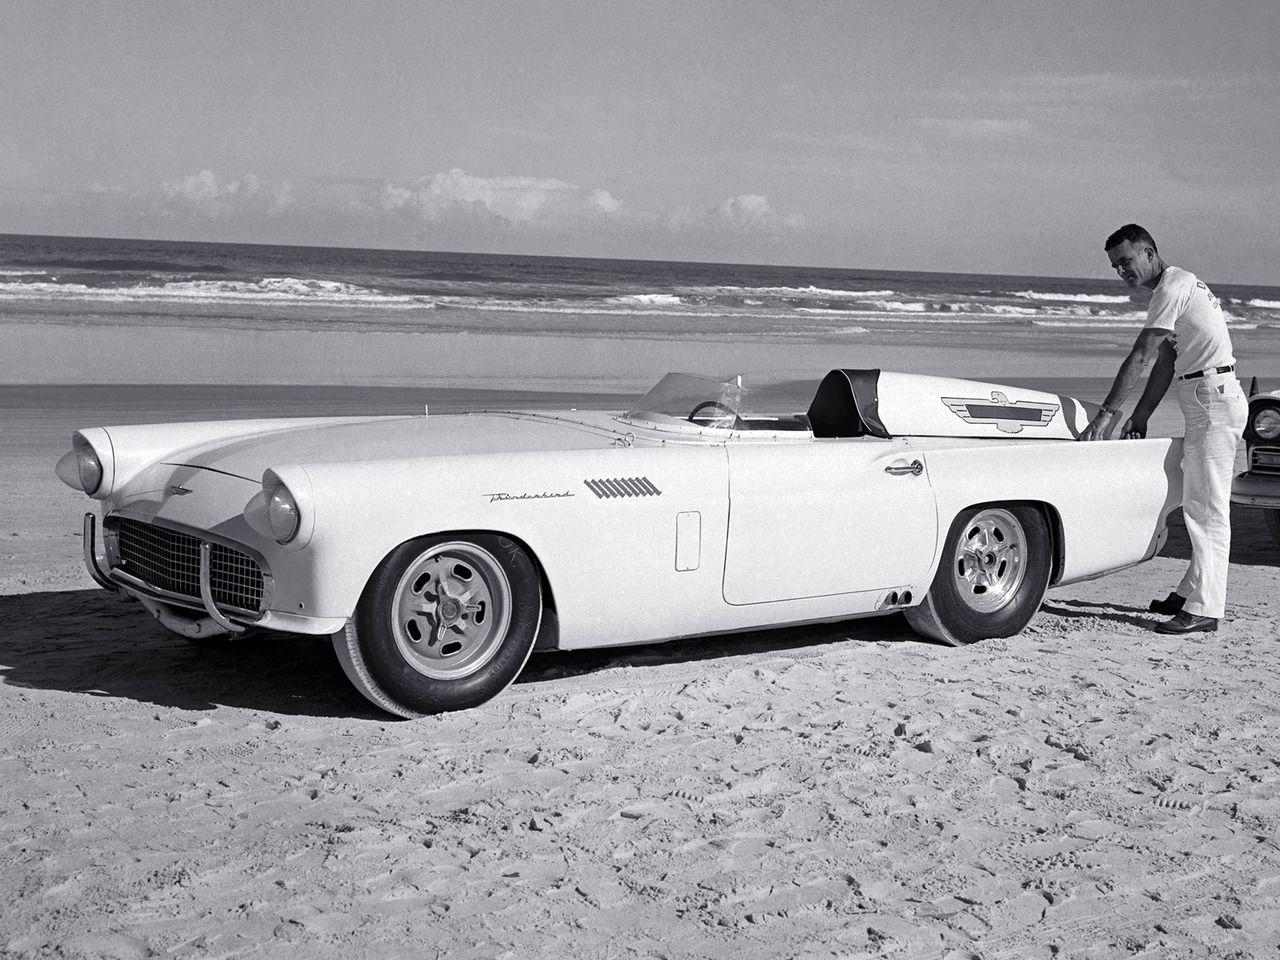 1957 ford thunderbird experimental race car